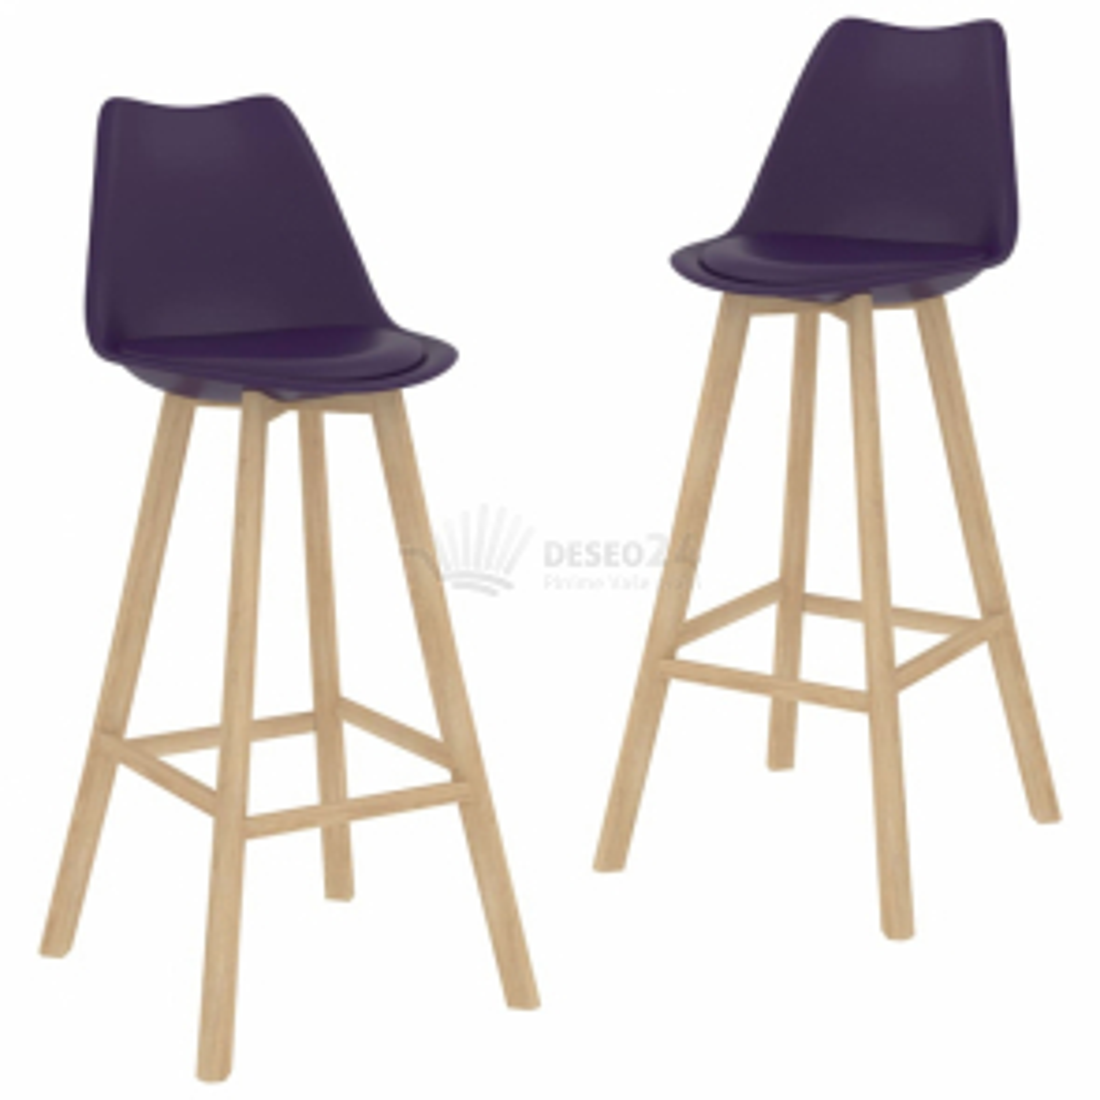 vidaXL Barové židle 2 ks tmavě fialové umělá kůže [289172]